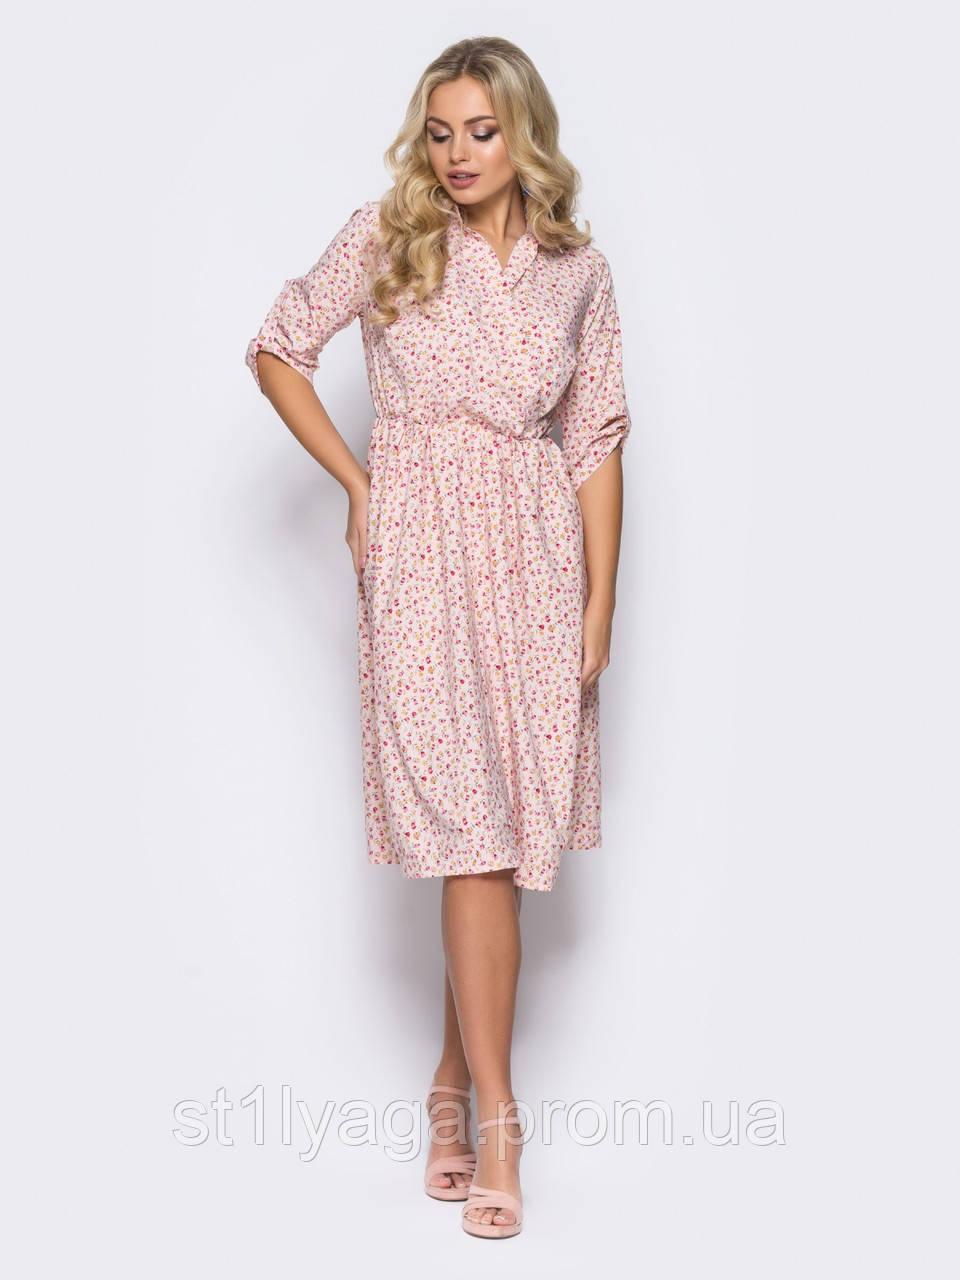 b7a8bf9b4a5 Воздушное платье в мелкий цветочек и рукавами три четверти ЛЕТО -  Интернет-магазин Stilyaga-